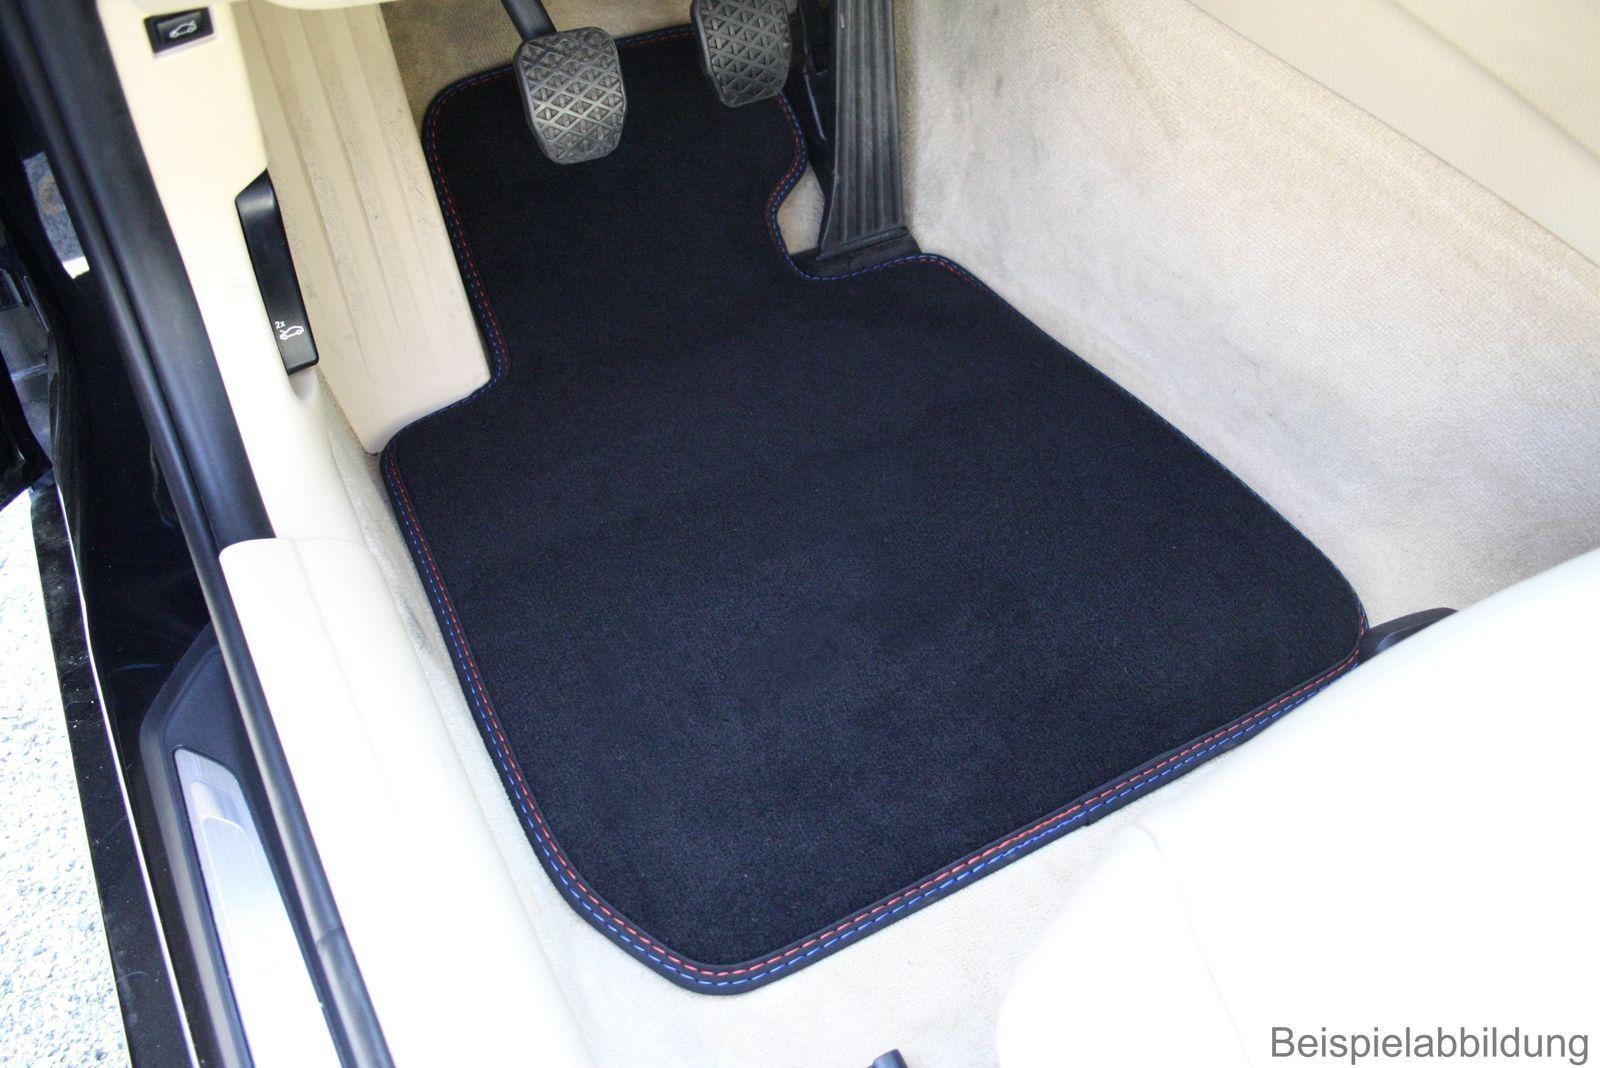 4 tapis de sol premium sur mesure pour bmw serie 3 e90 e91 de 07 2005 a 2011 adtuning france